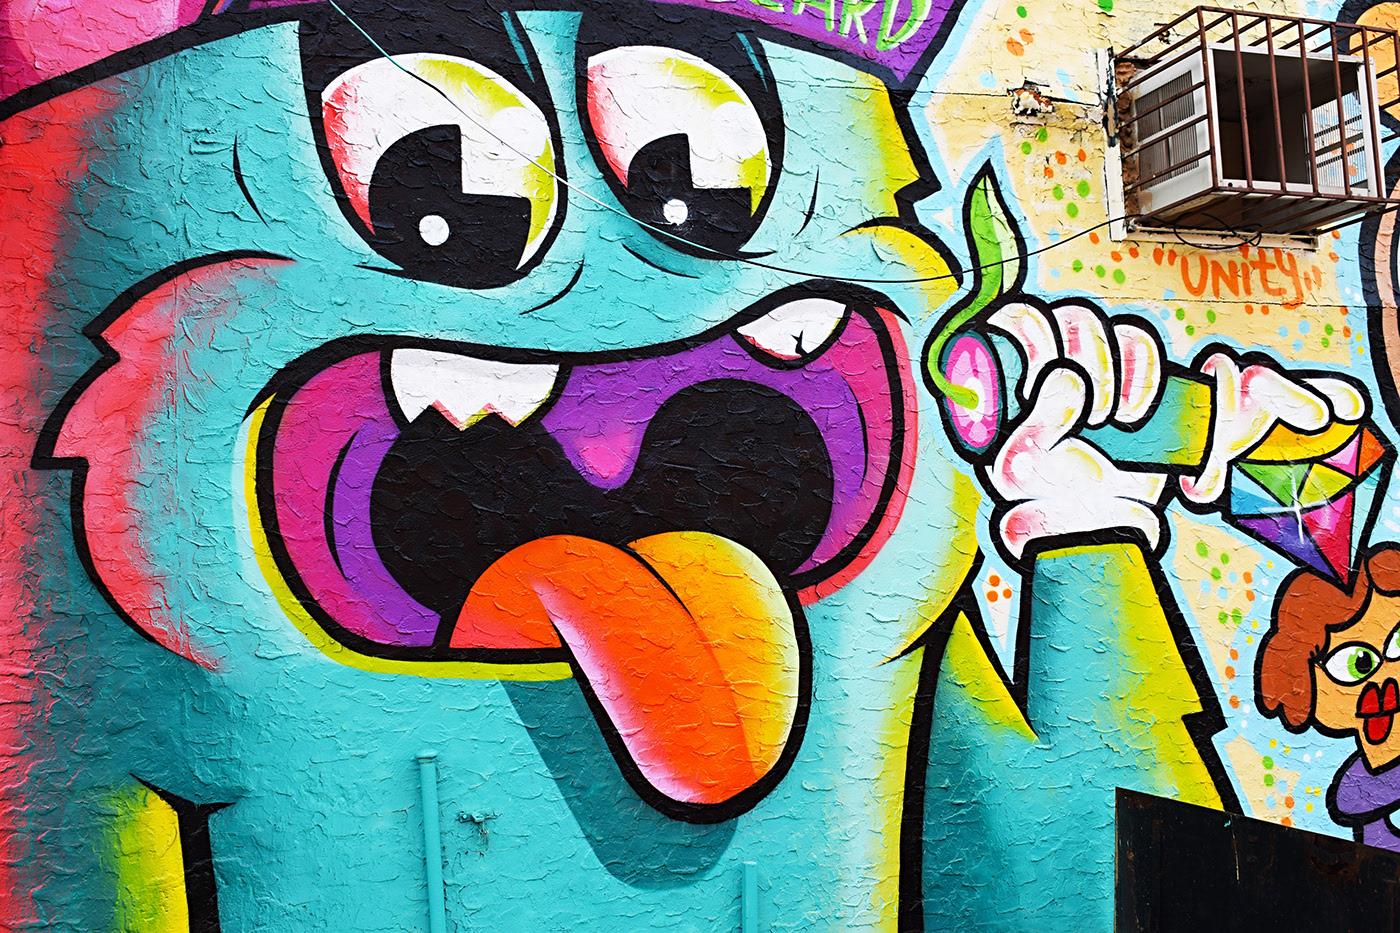 постеры с граффити